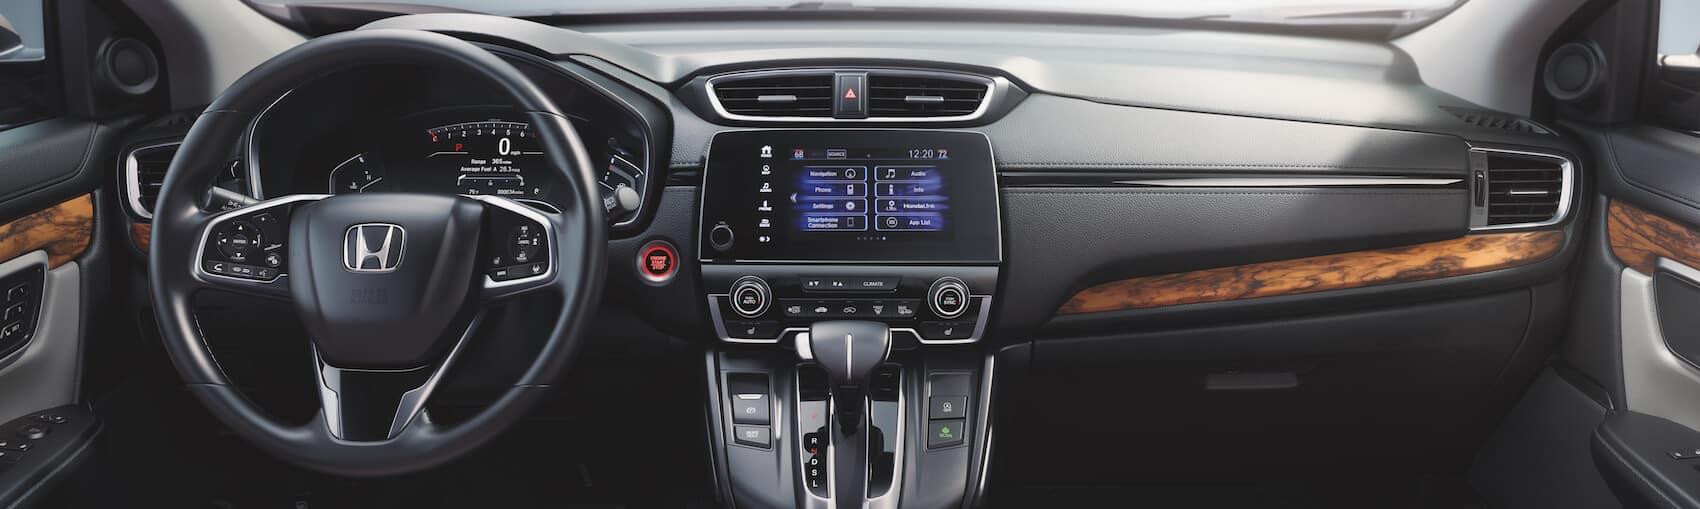 Honda Pilot and CR-V interior amenities